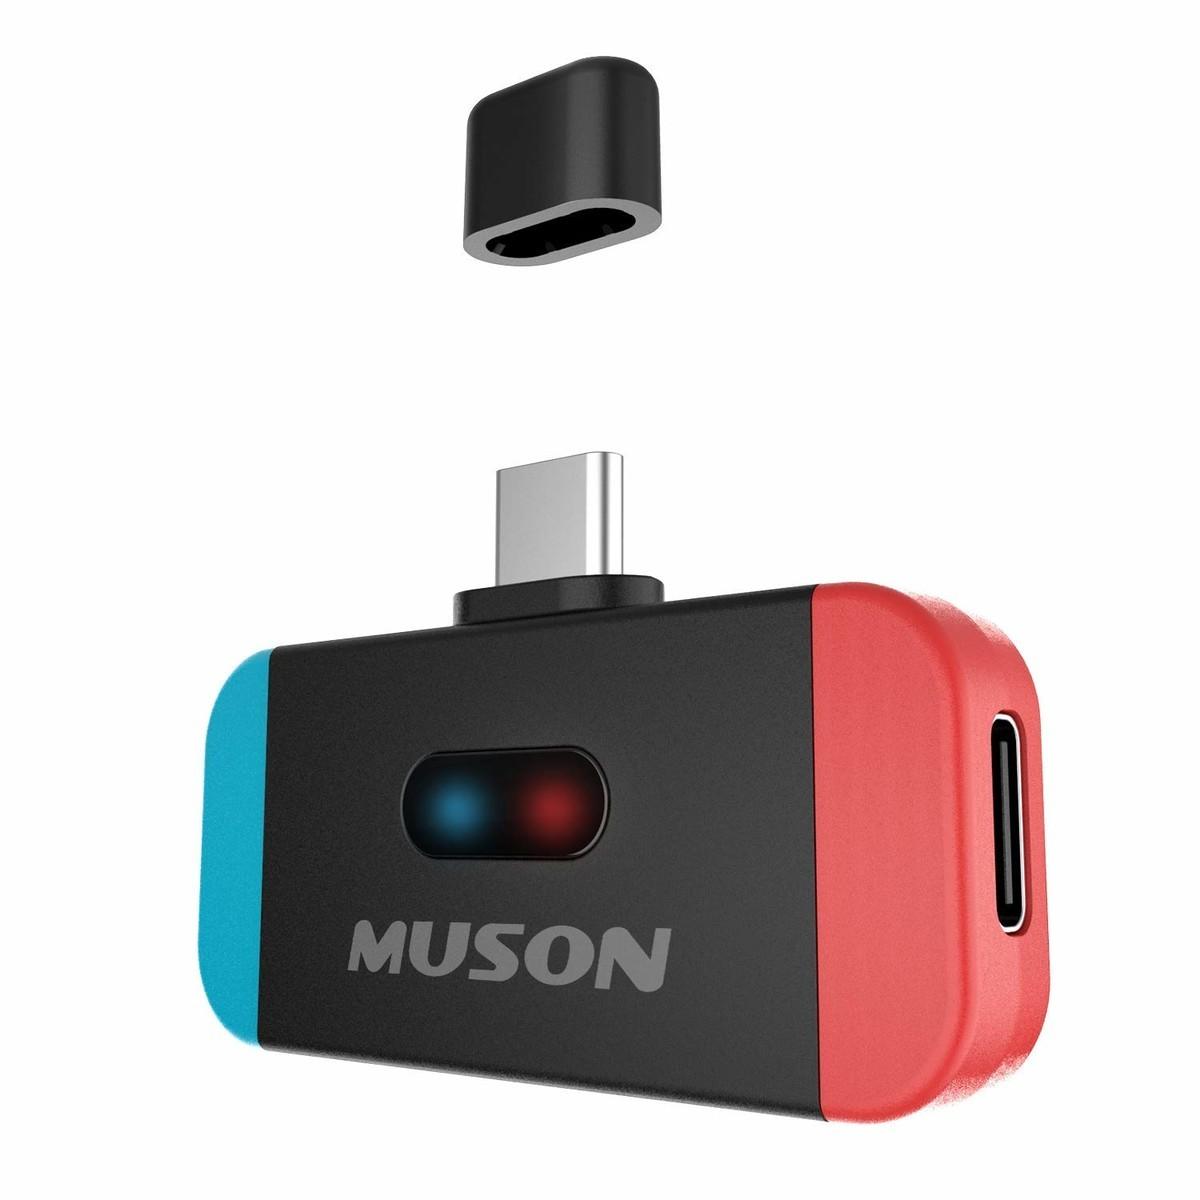 MUSON MK3